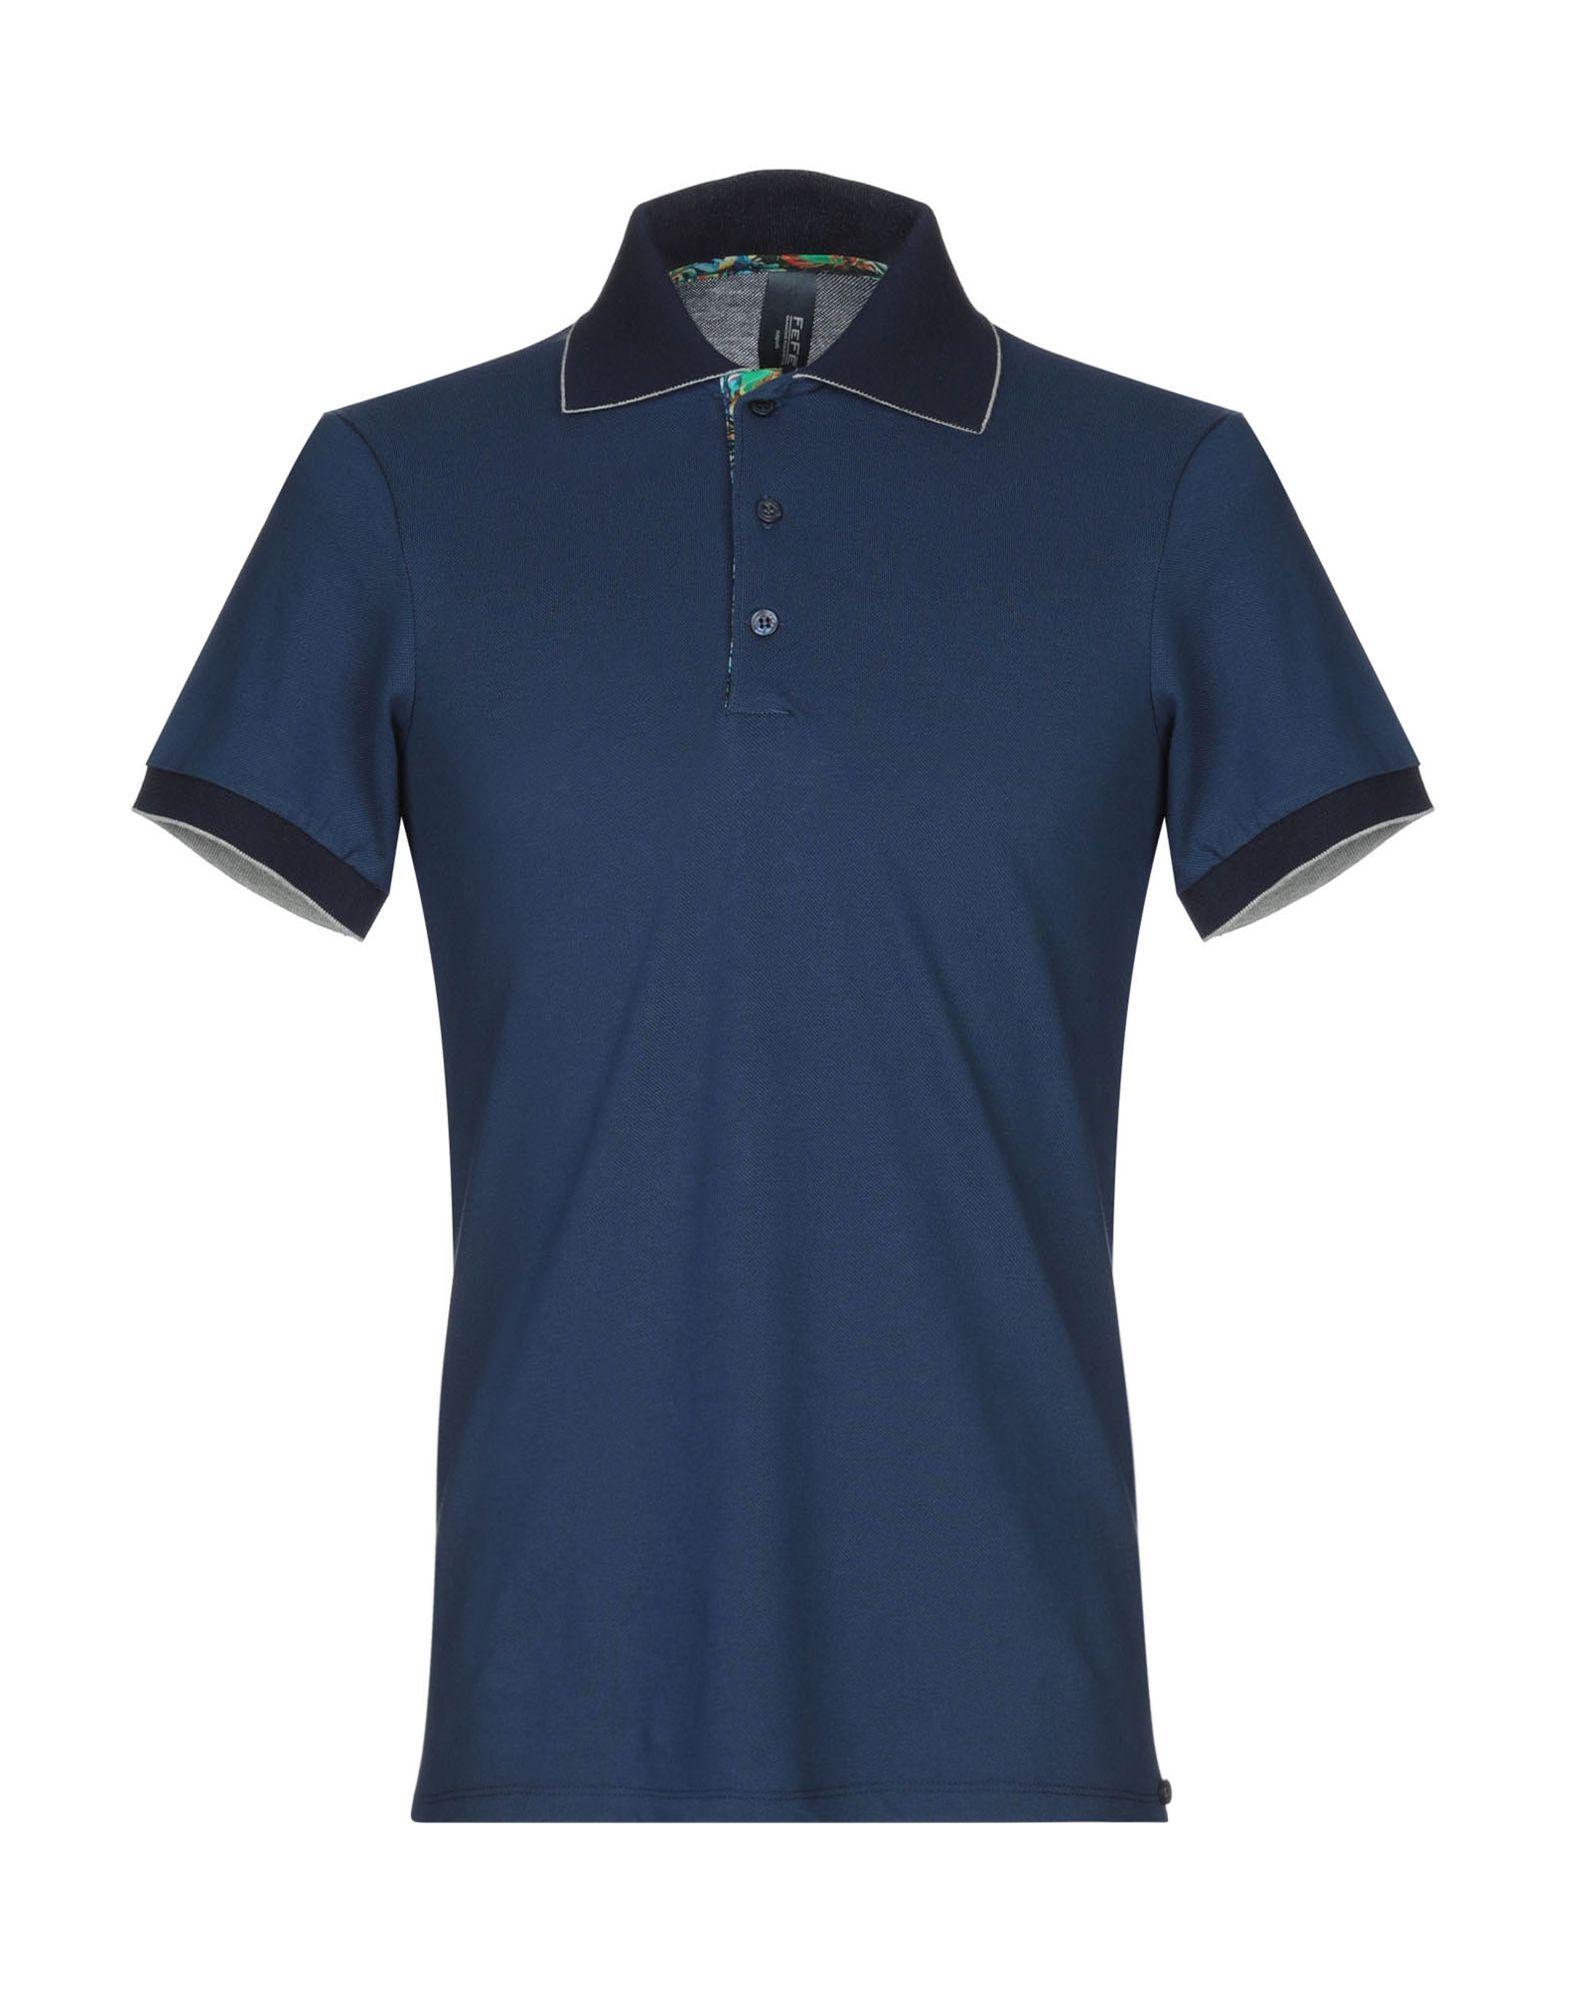 《送料無料》FEF? GLAMOUR POCHETTE メンズ ポロシャツ ダークブルー S コットン 100%